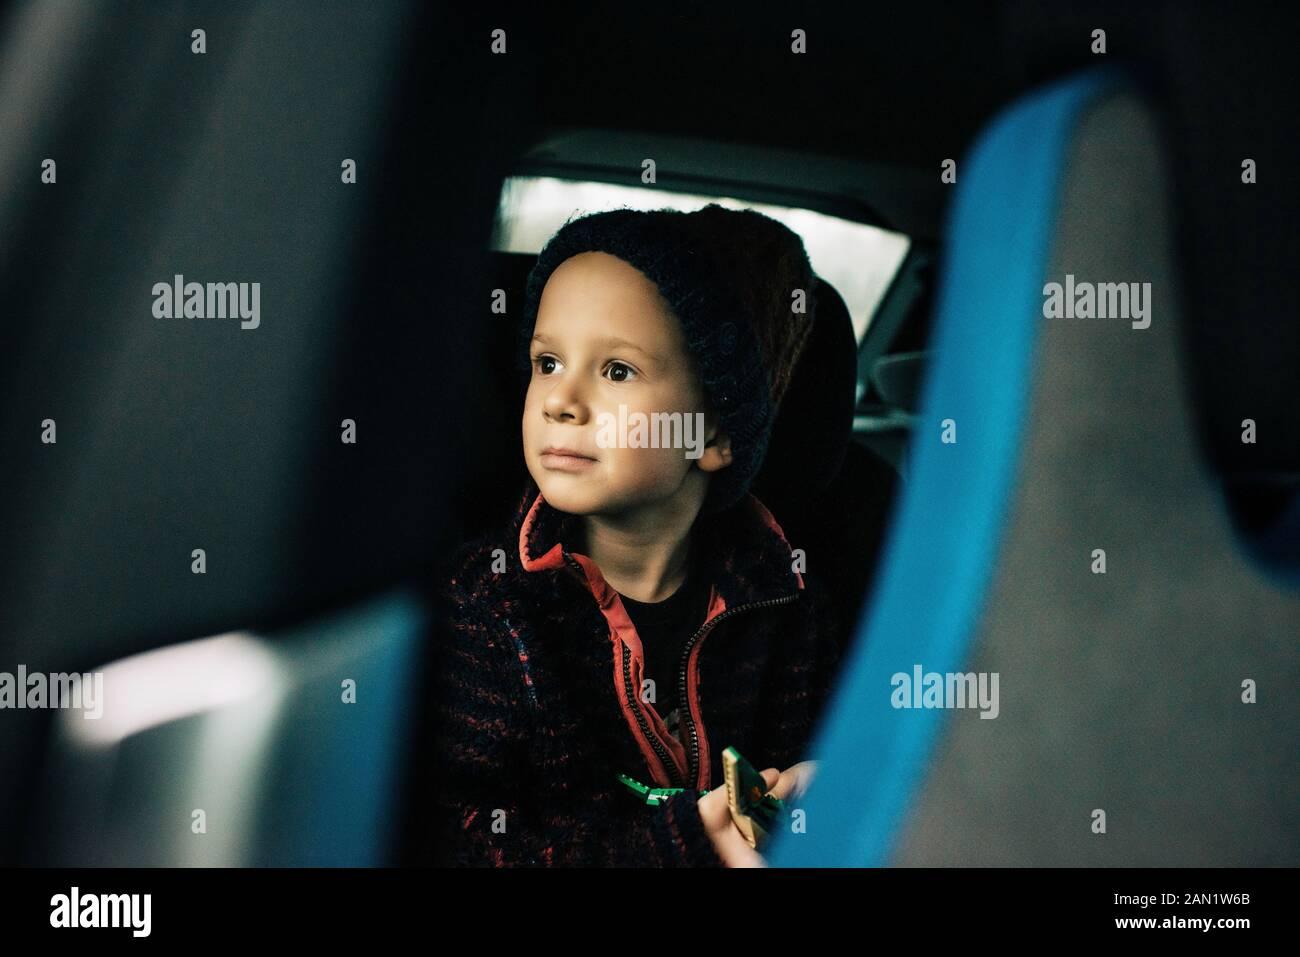 un niño se sentó en un coche eléctrico mirando por la ventana Foto de stock